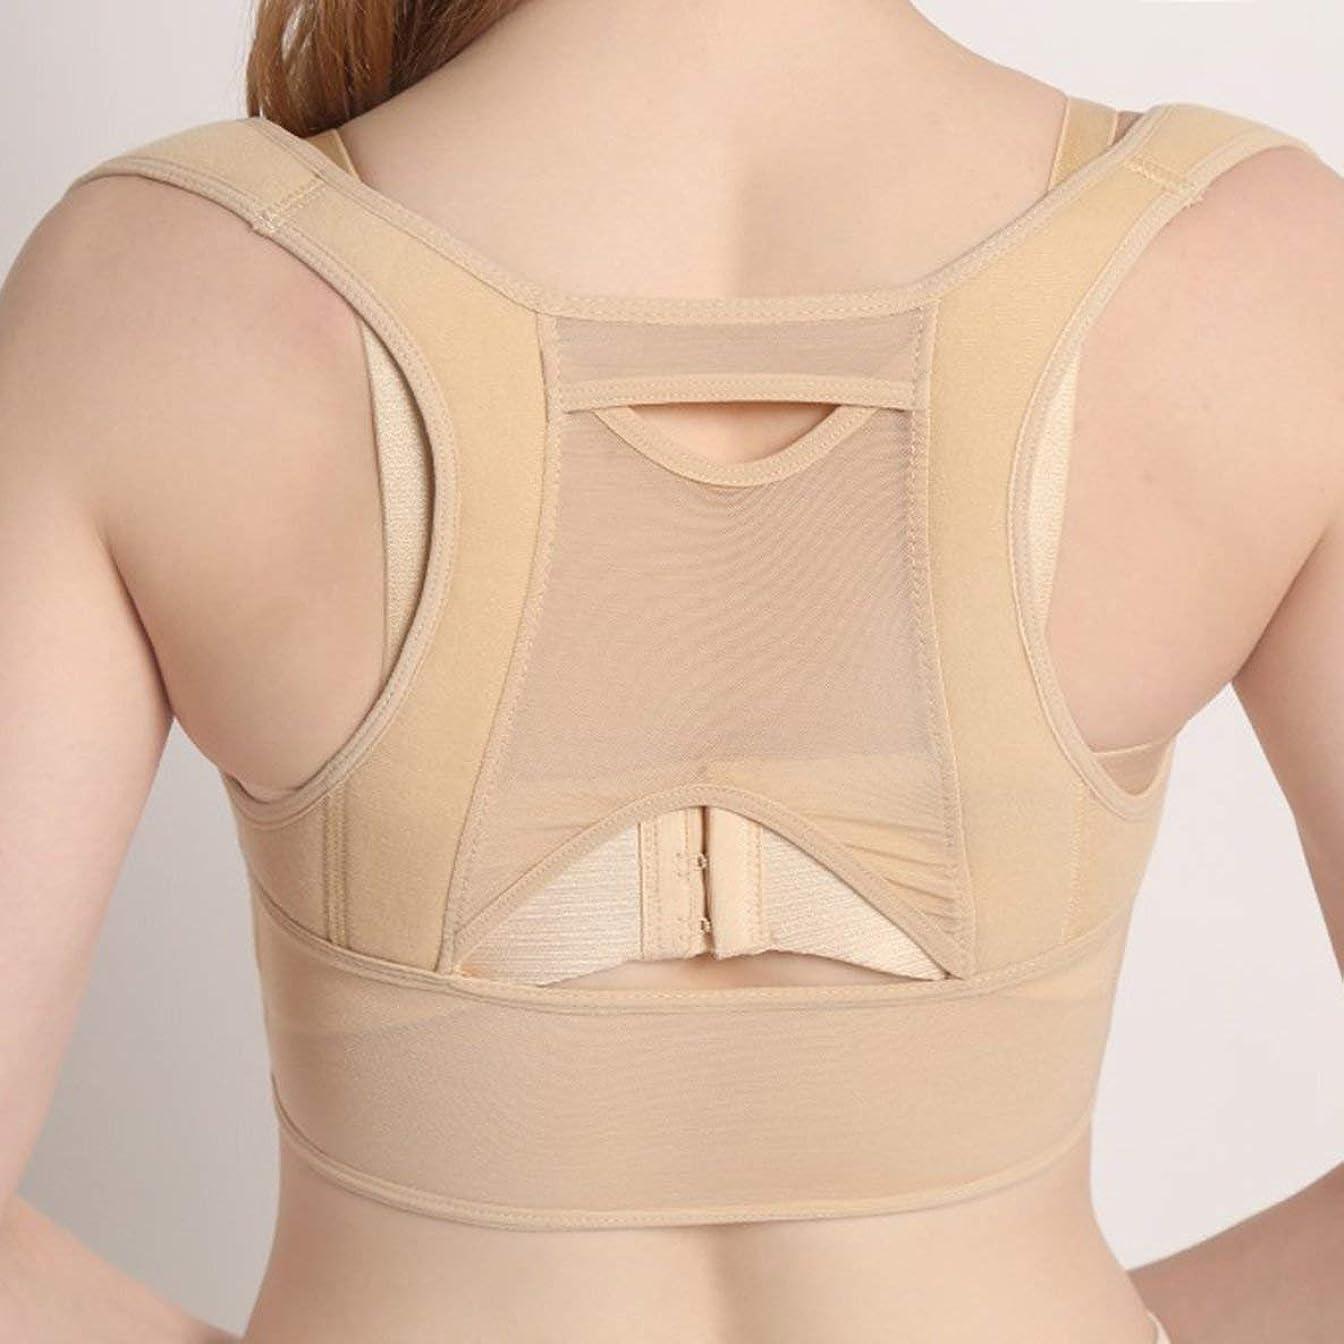 ソース酔ってディベート通気性のある女性の背中の姿勢矯正コルセット整形外科の肩の背骨の姿勢矯正腰椎サポート - ベージュホワイトM